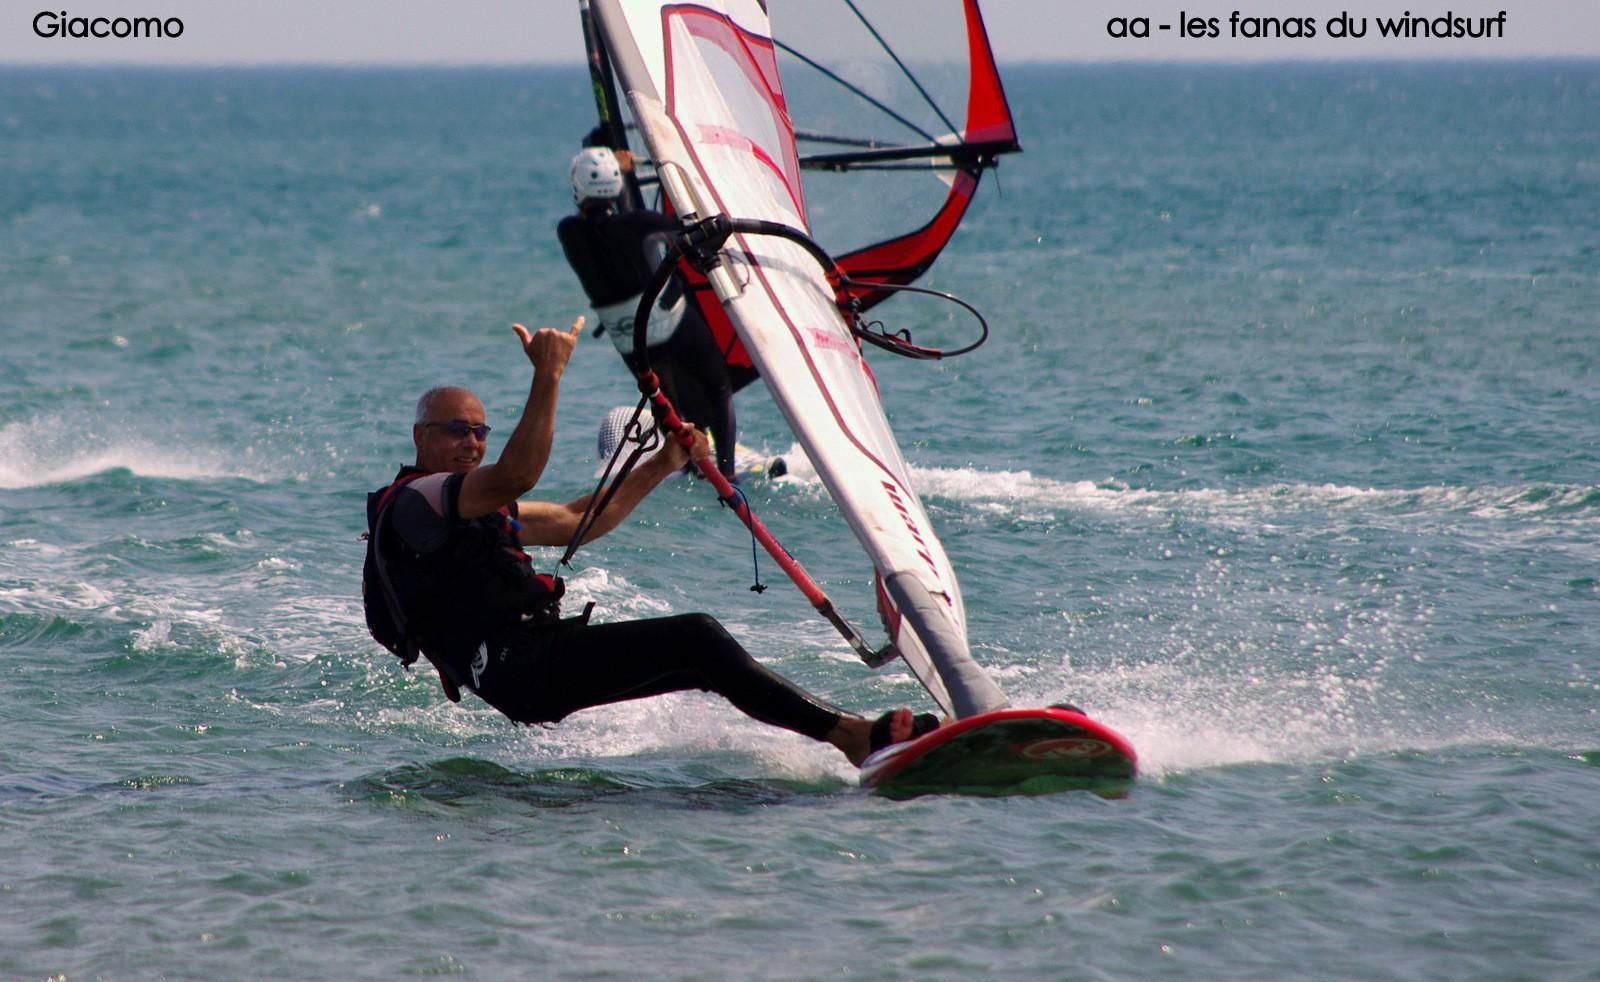 Surf report port la nouvelle 11 du 2015 06 09 12 00 00 - Meteo port la nouvelle ...